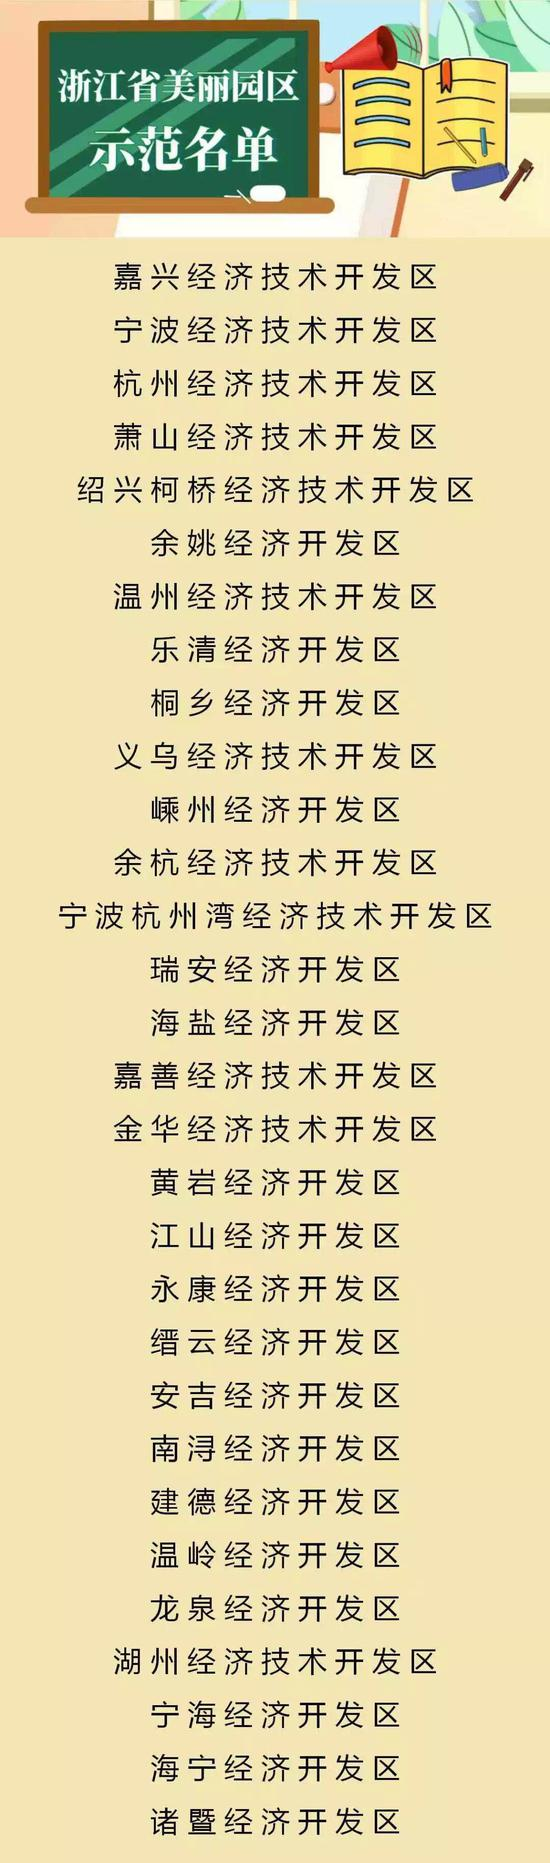 图为浙江省美丽园区示范名单。供图